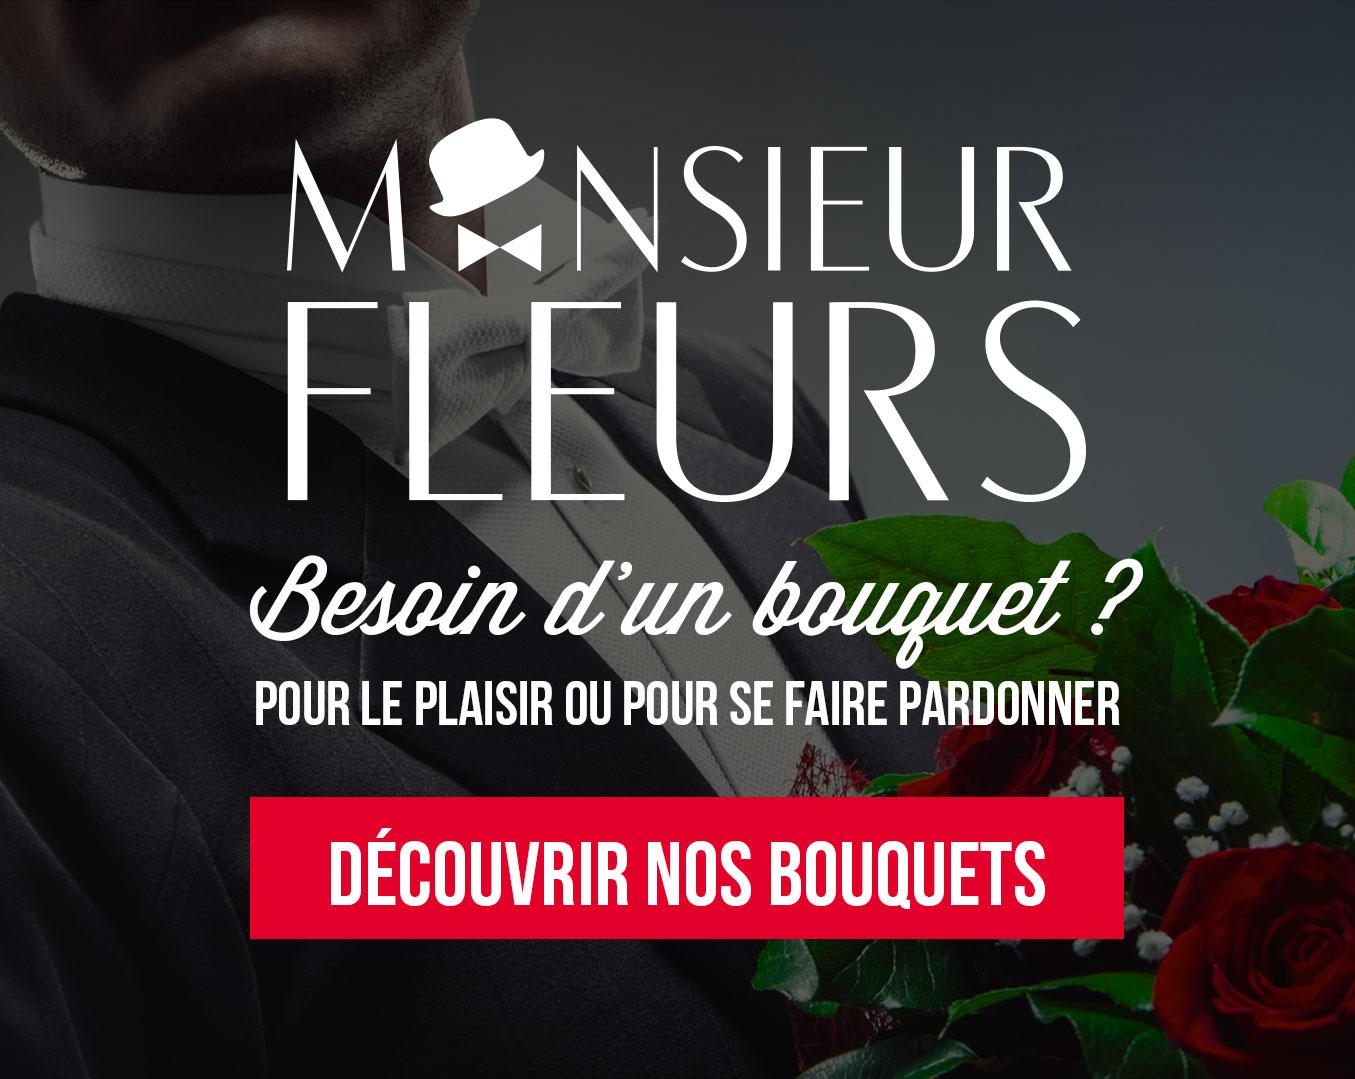 Monsieur fleurs, offrez des bouquets de fleurs différemment